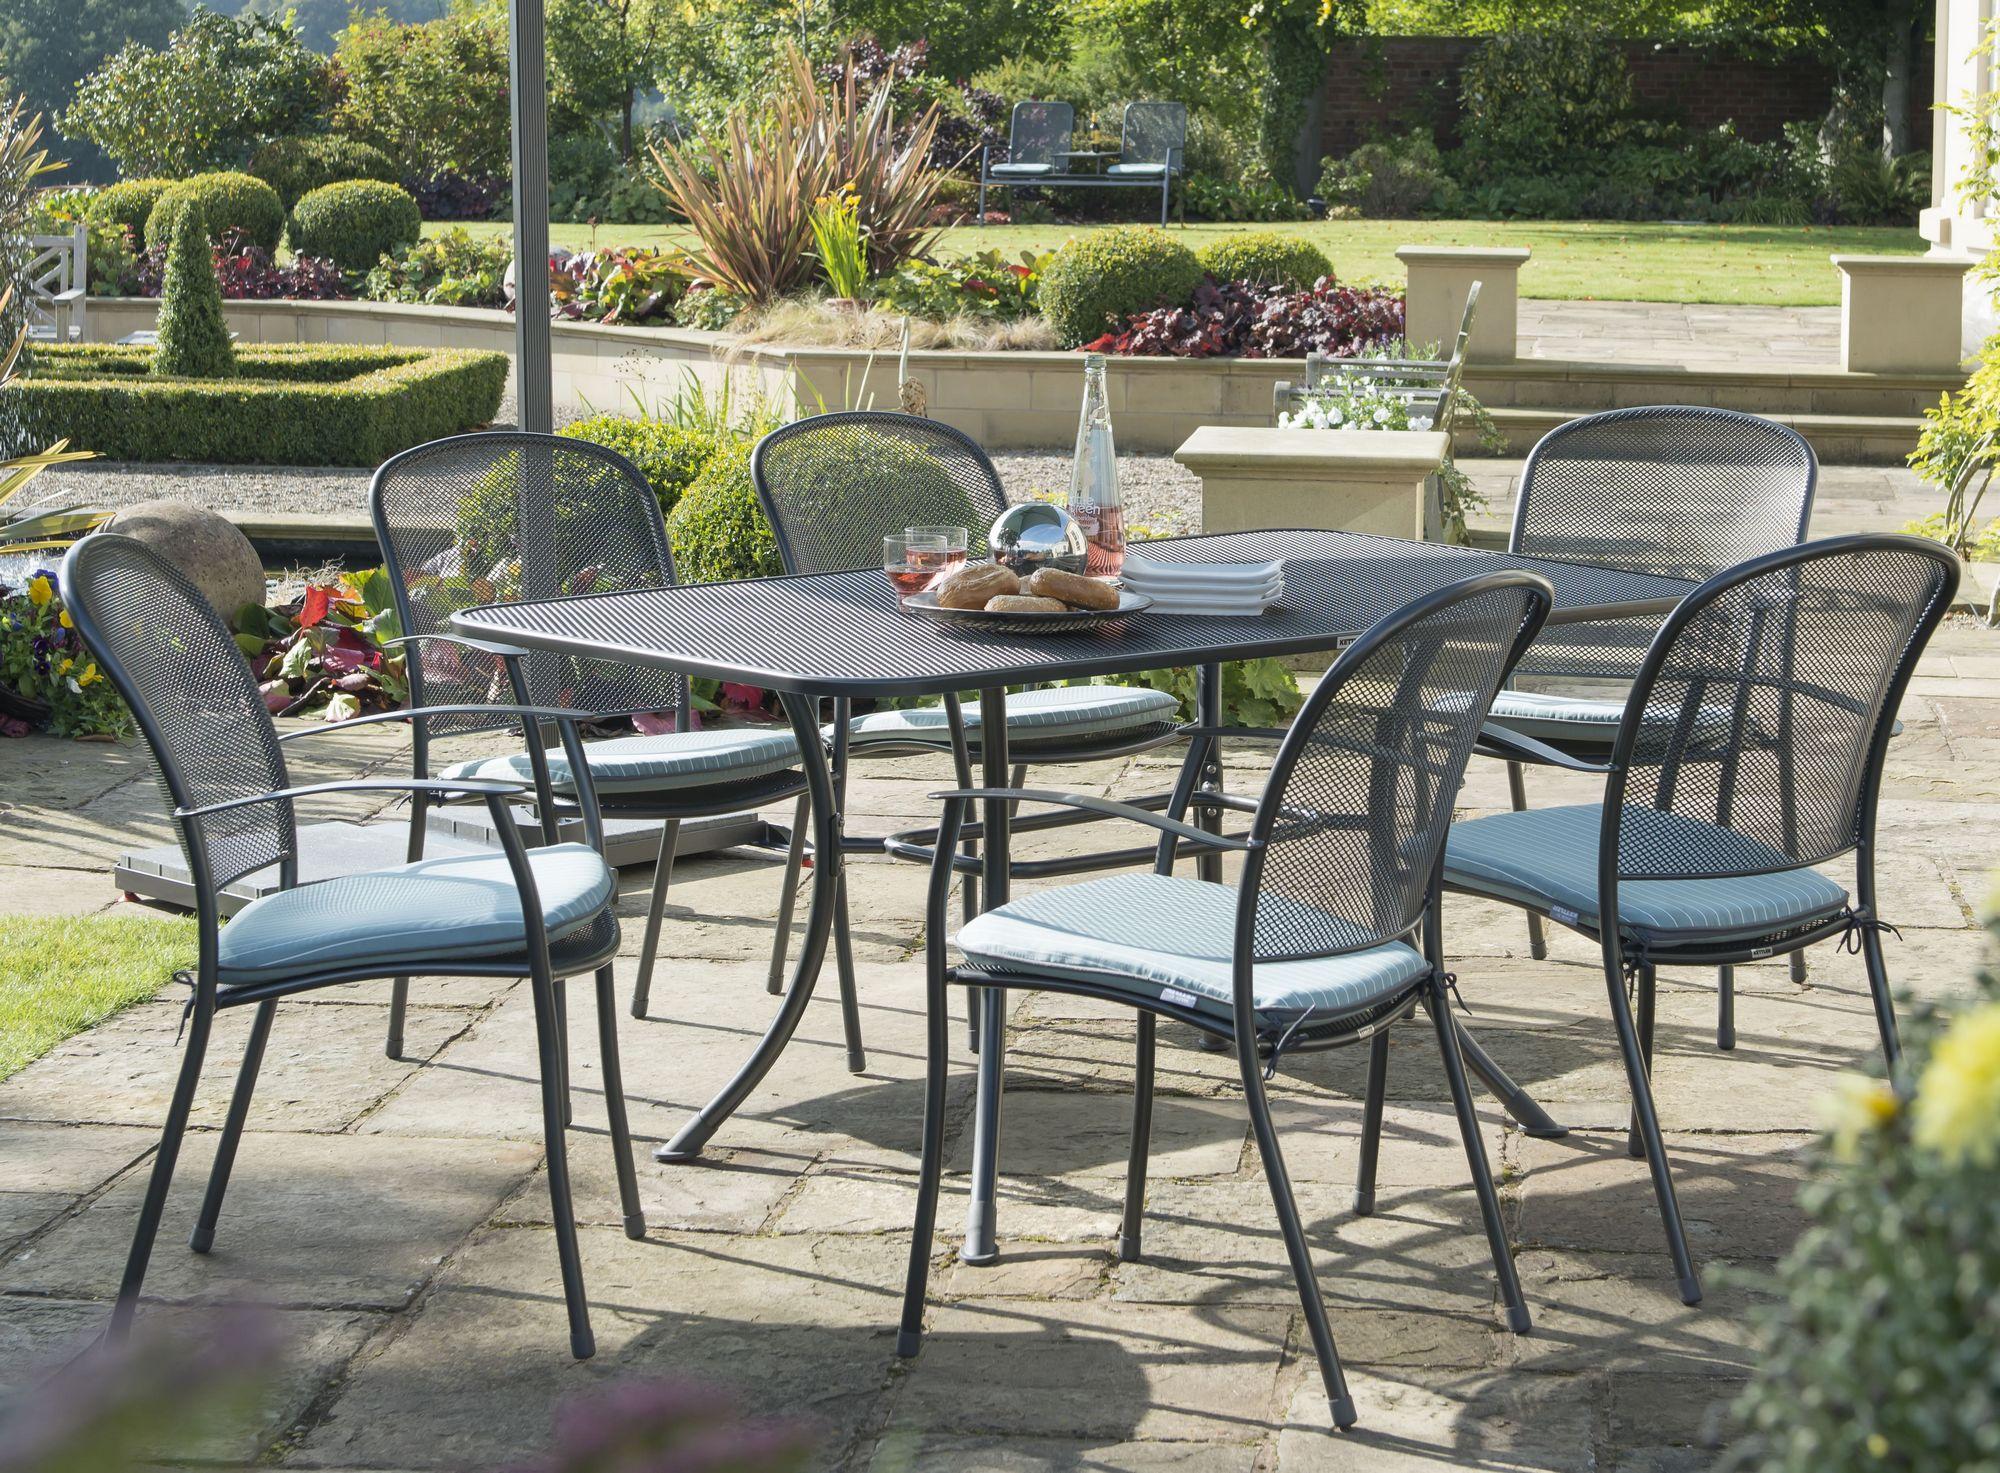 kettler kettler offers beautiful contemporary garden furniture